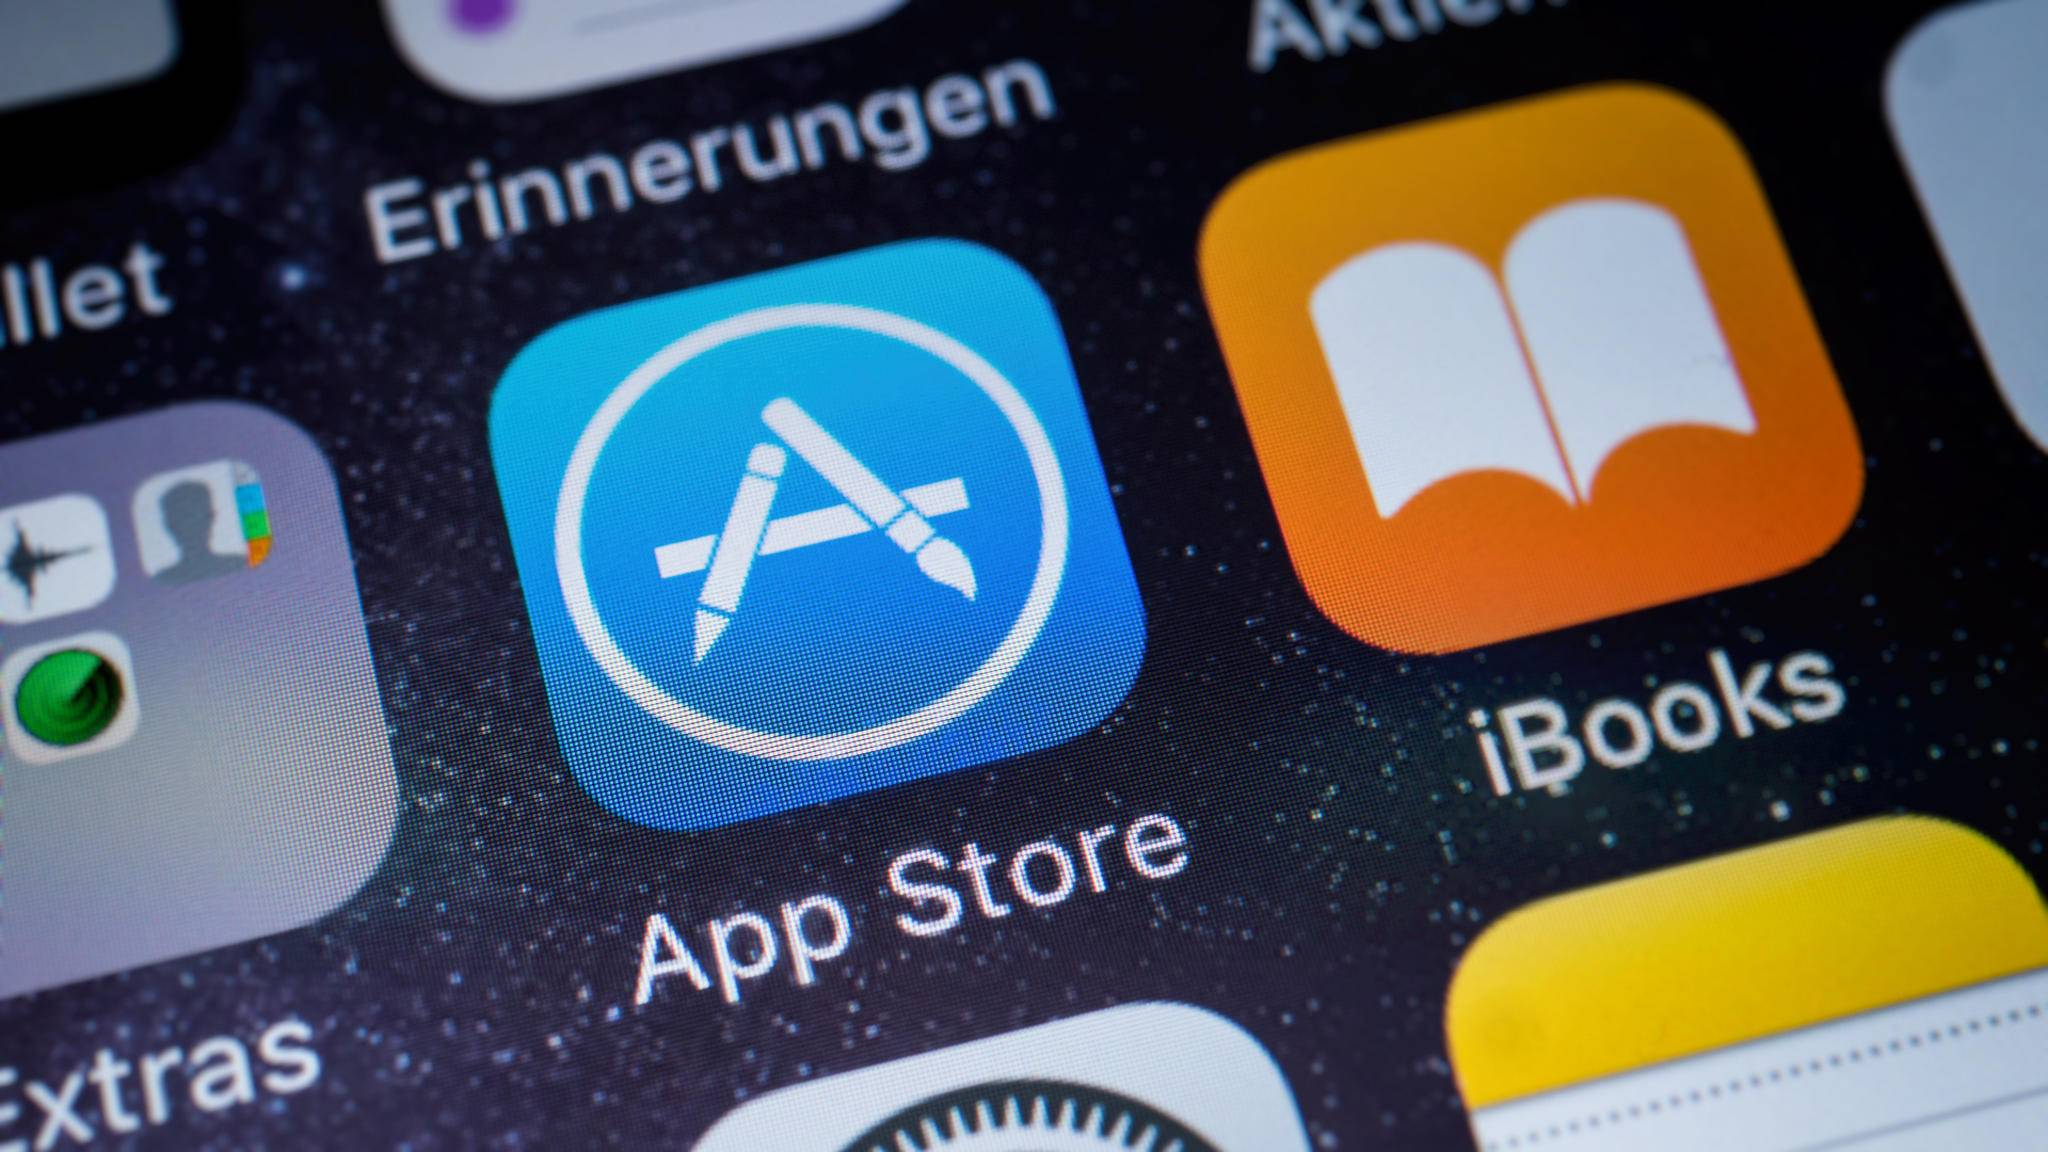 Zukünftig werden sich nicht nur Apps, sondern auch In-App-Käufe verschenken lassen.